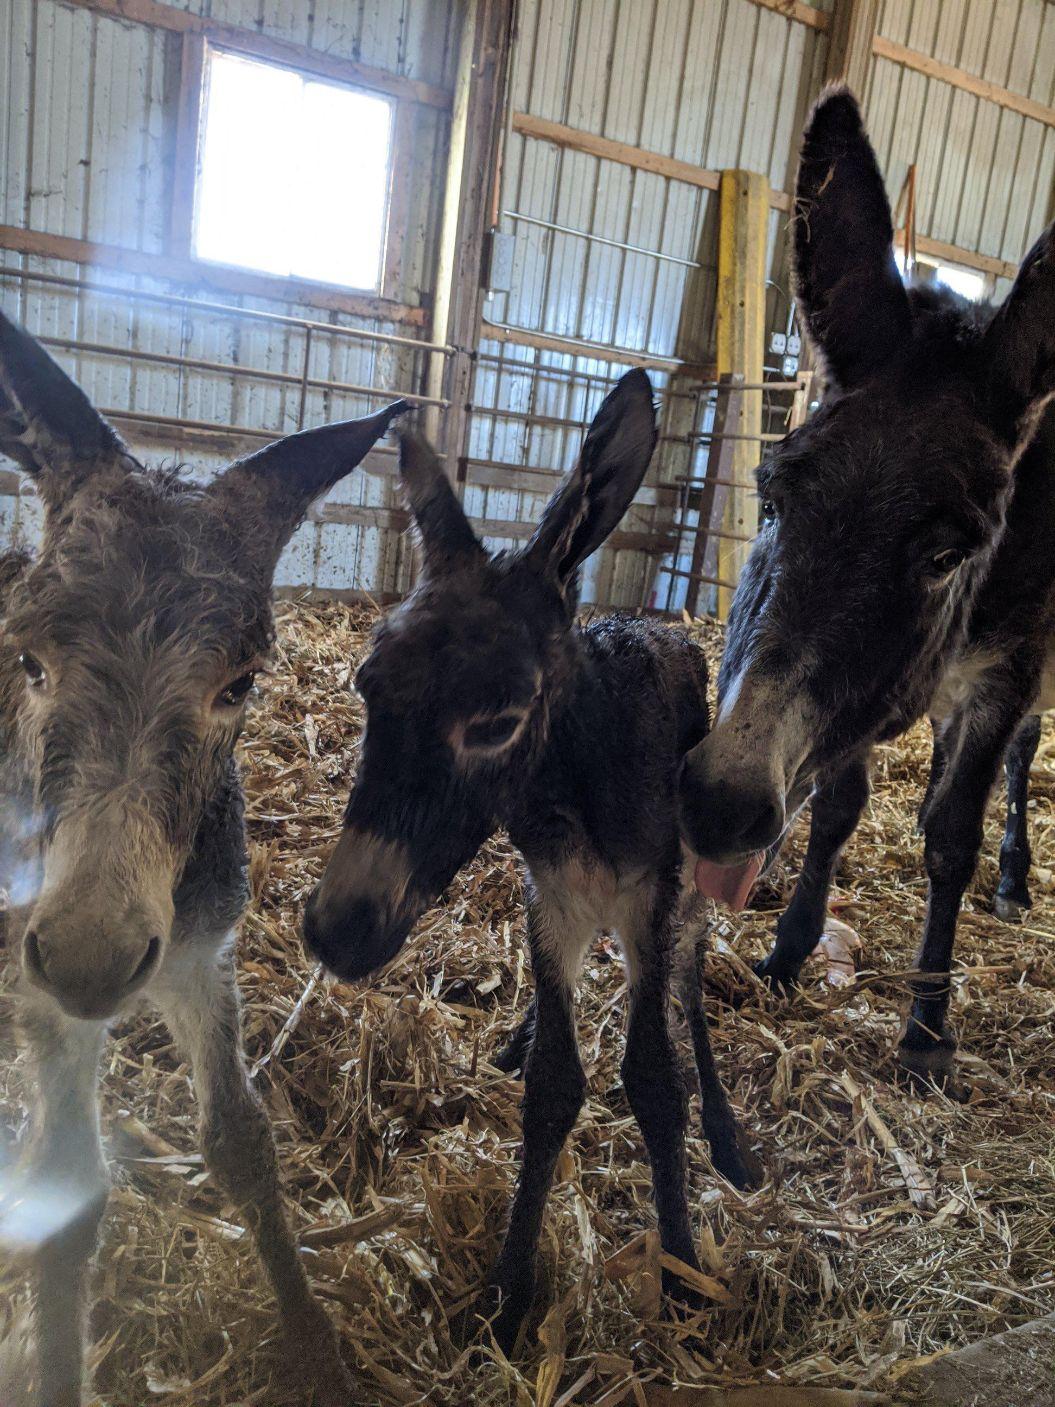 Twin donkeys, America, donkeys